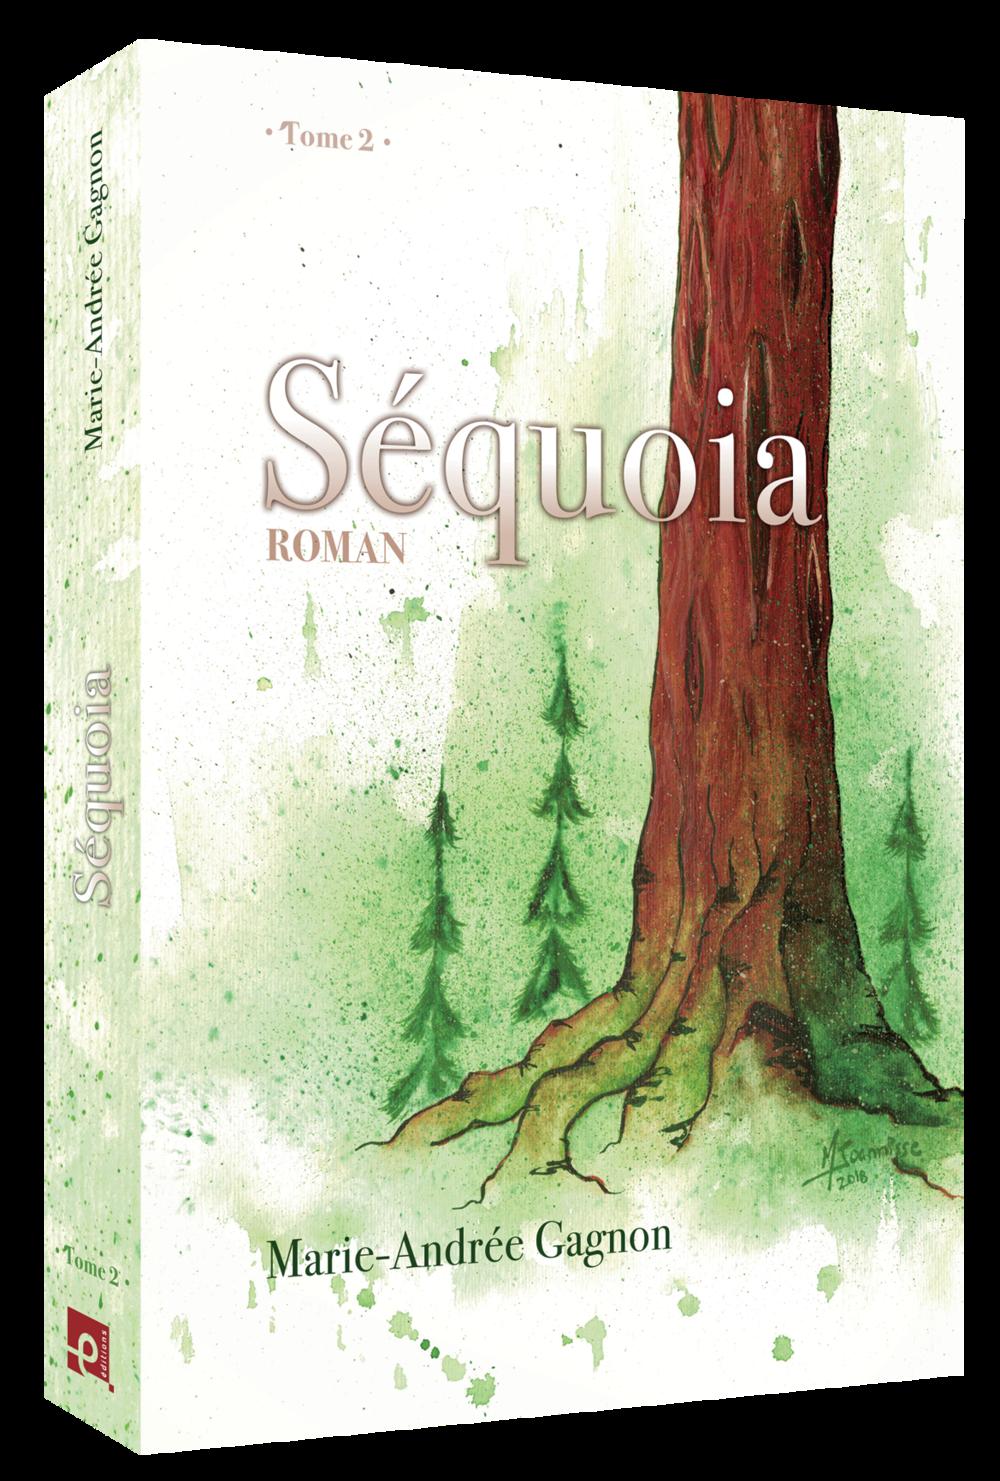 Sequoia_3D_crop.png